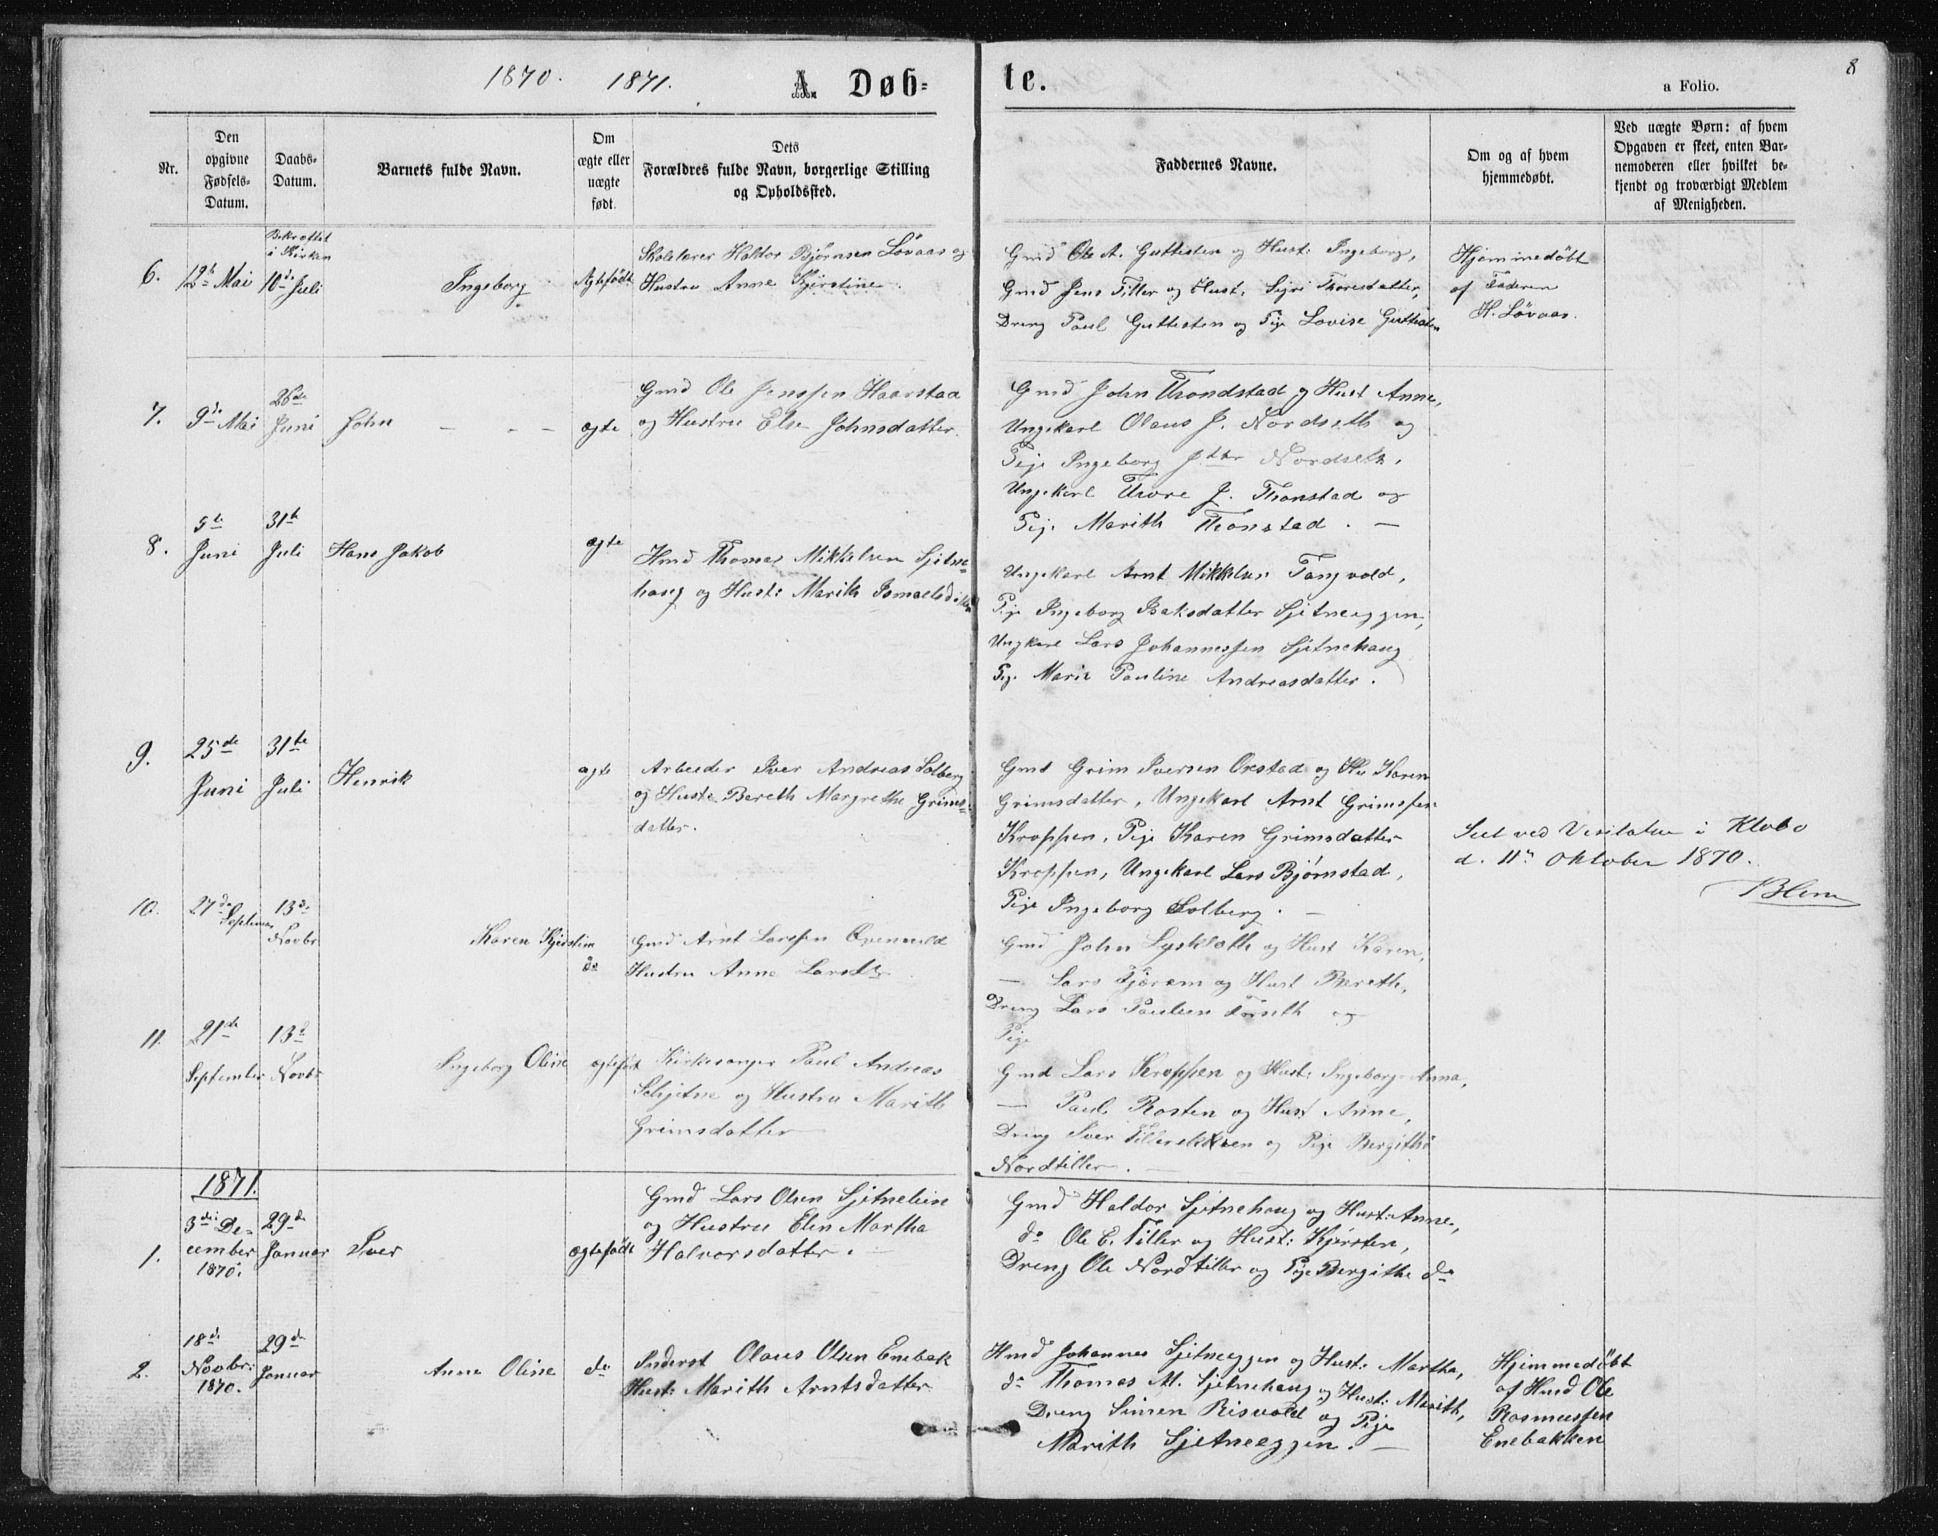 SAT, Ministerialprotokoller, klokkerbøker og fødselsregistre - Sør-Trøndelag, 621/L0459: Klokkerbok nr. 621C02, 1866-1895, s. 8